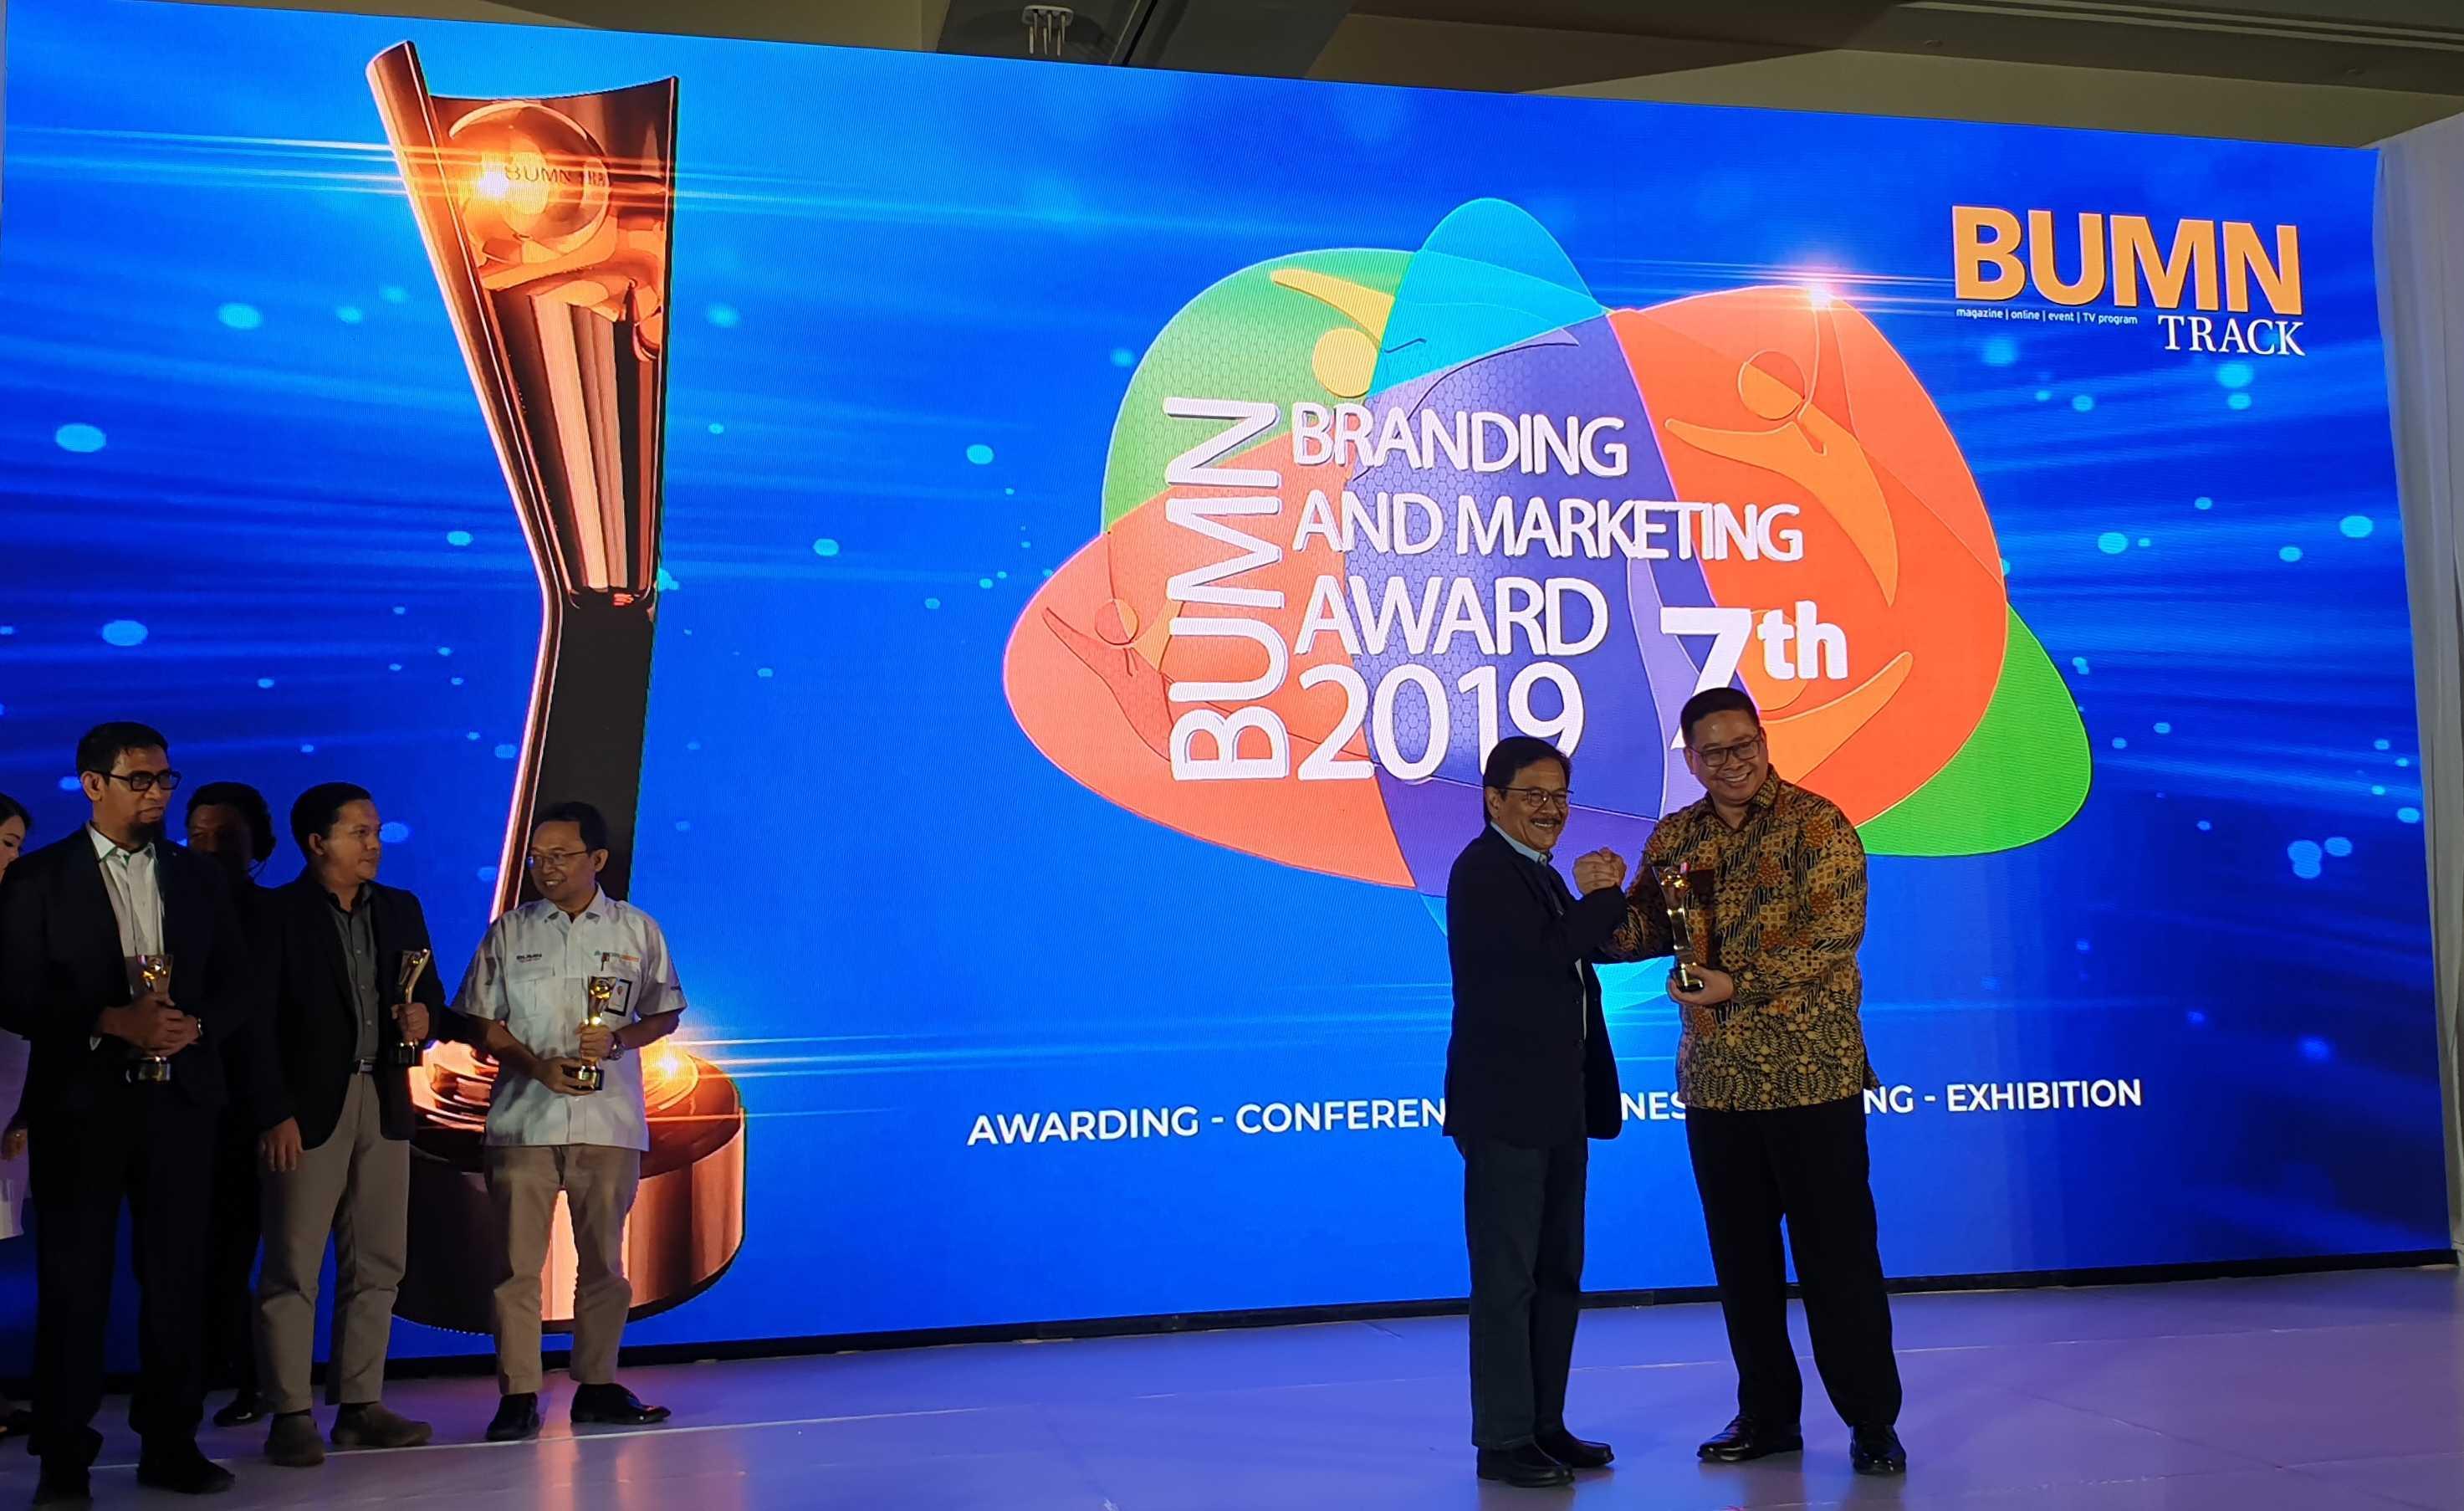 BUMN Branding & Marketing Award 2019 PT KIW